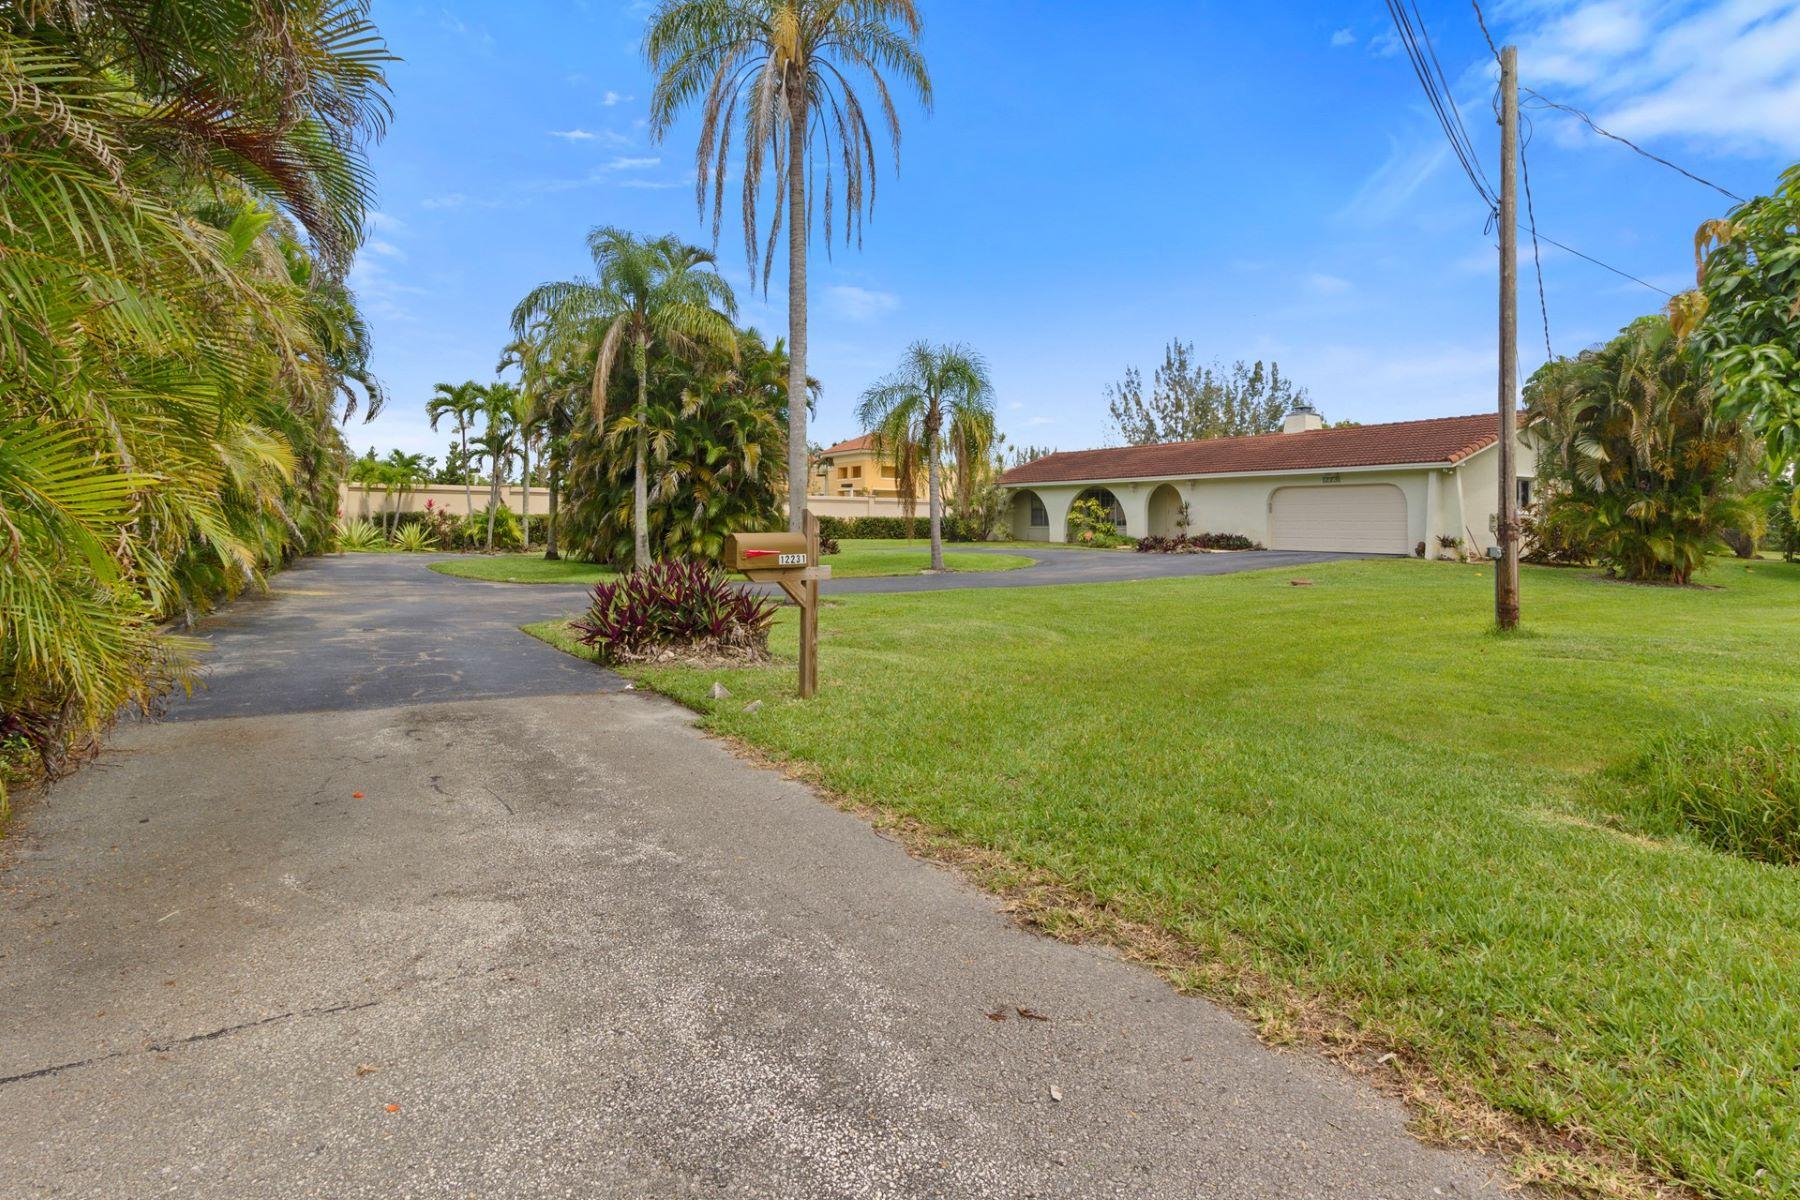 Maison unifamiliale pour l Vente à 12231 Sw 3rd St 12231 Sw 3rd St Plantation, Florida 33325 États-Unis